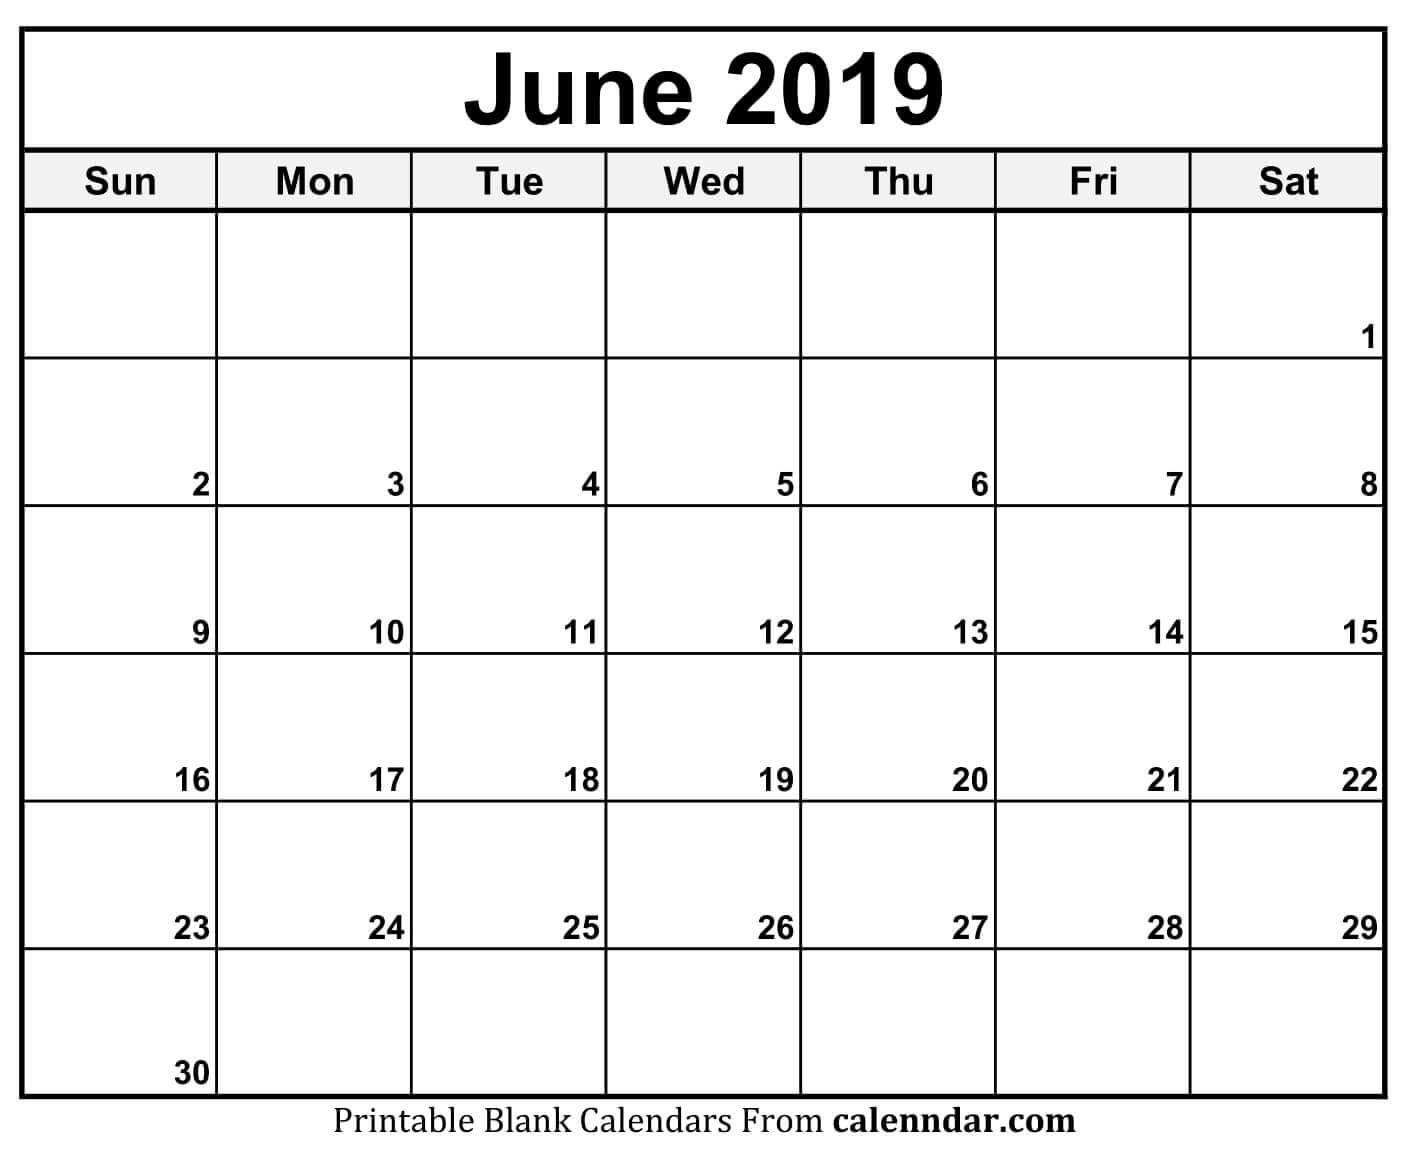 free printable june 2019 calendar pdf